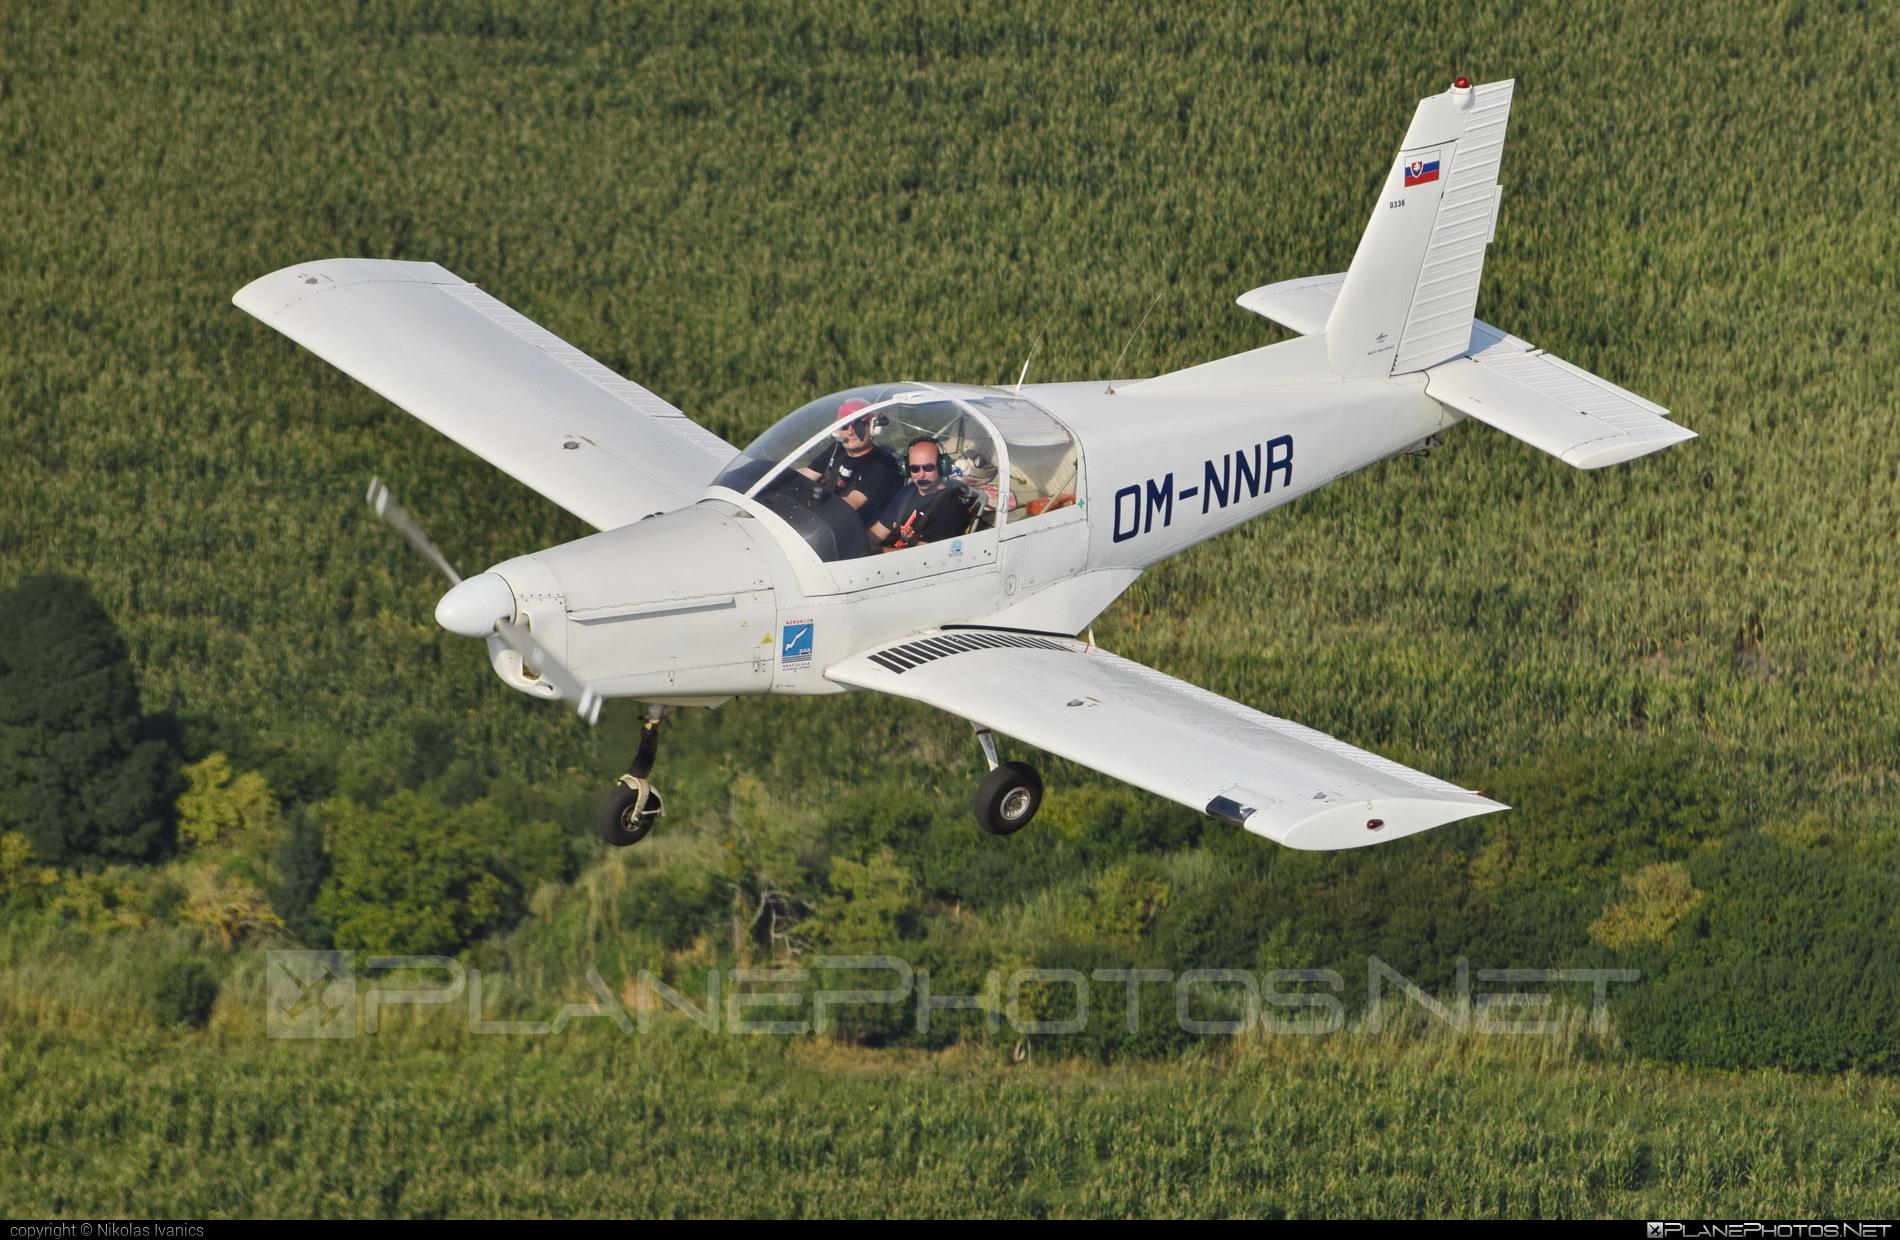 Zlin Z-142 - OM-NNR operated by Slovenský národný aeroklub (Slovak National Aeroclub) #z142 #zlin #zlin142